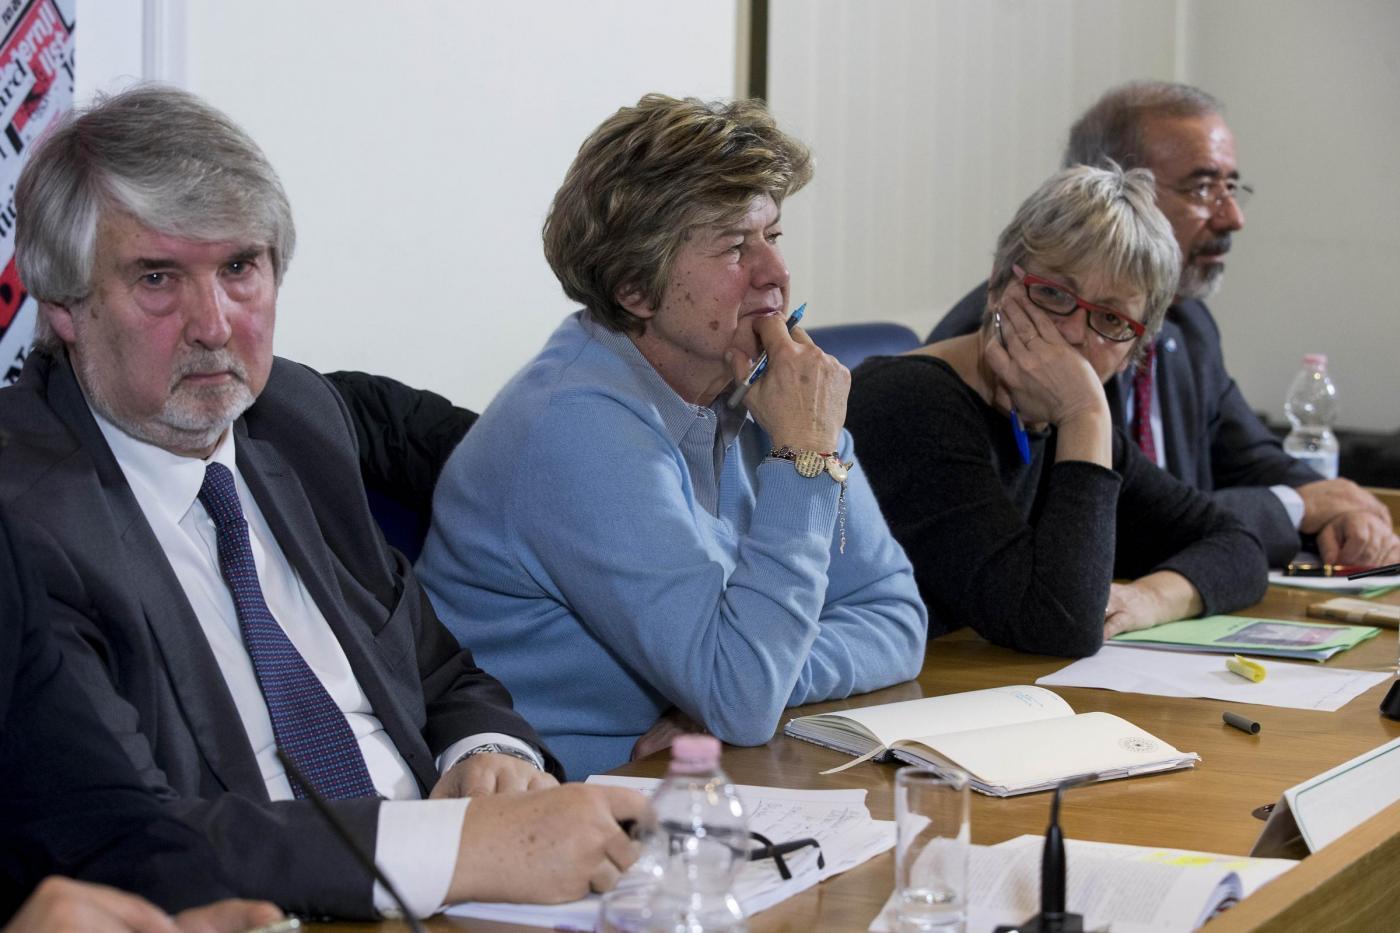 Pensione anticipata Ape: ultime notizie sulla trattativa governo-sindacati